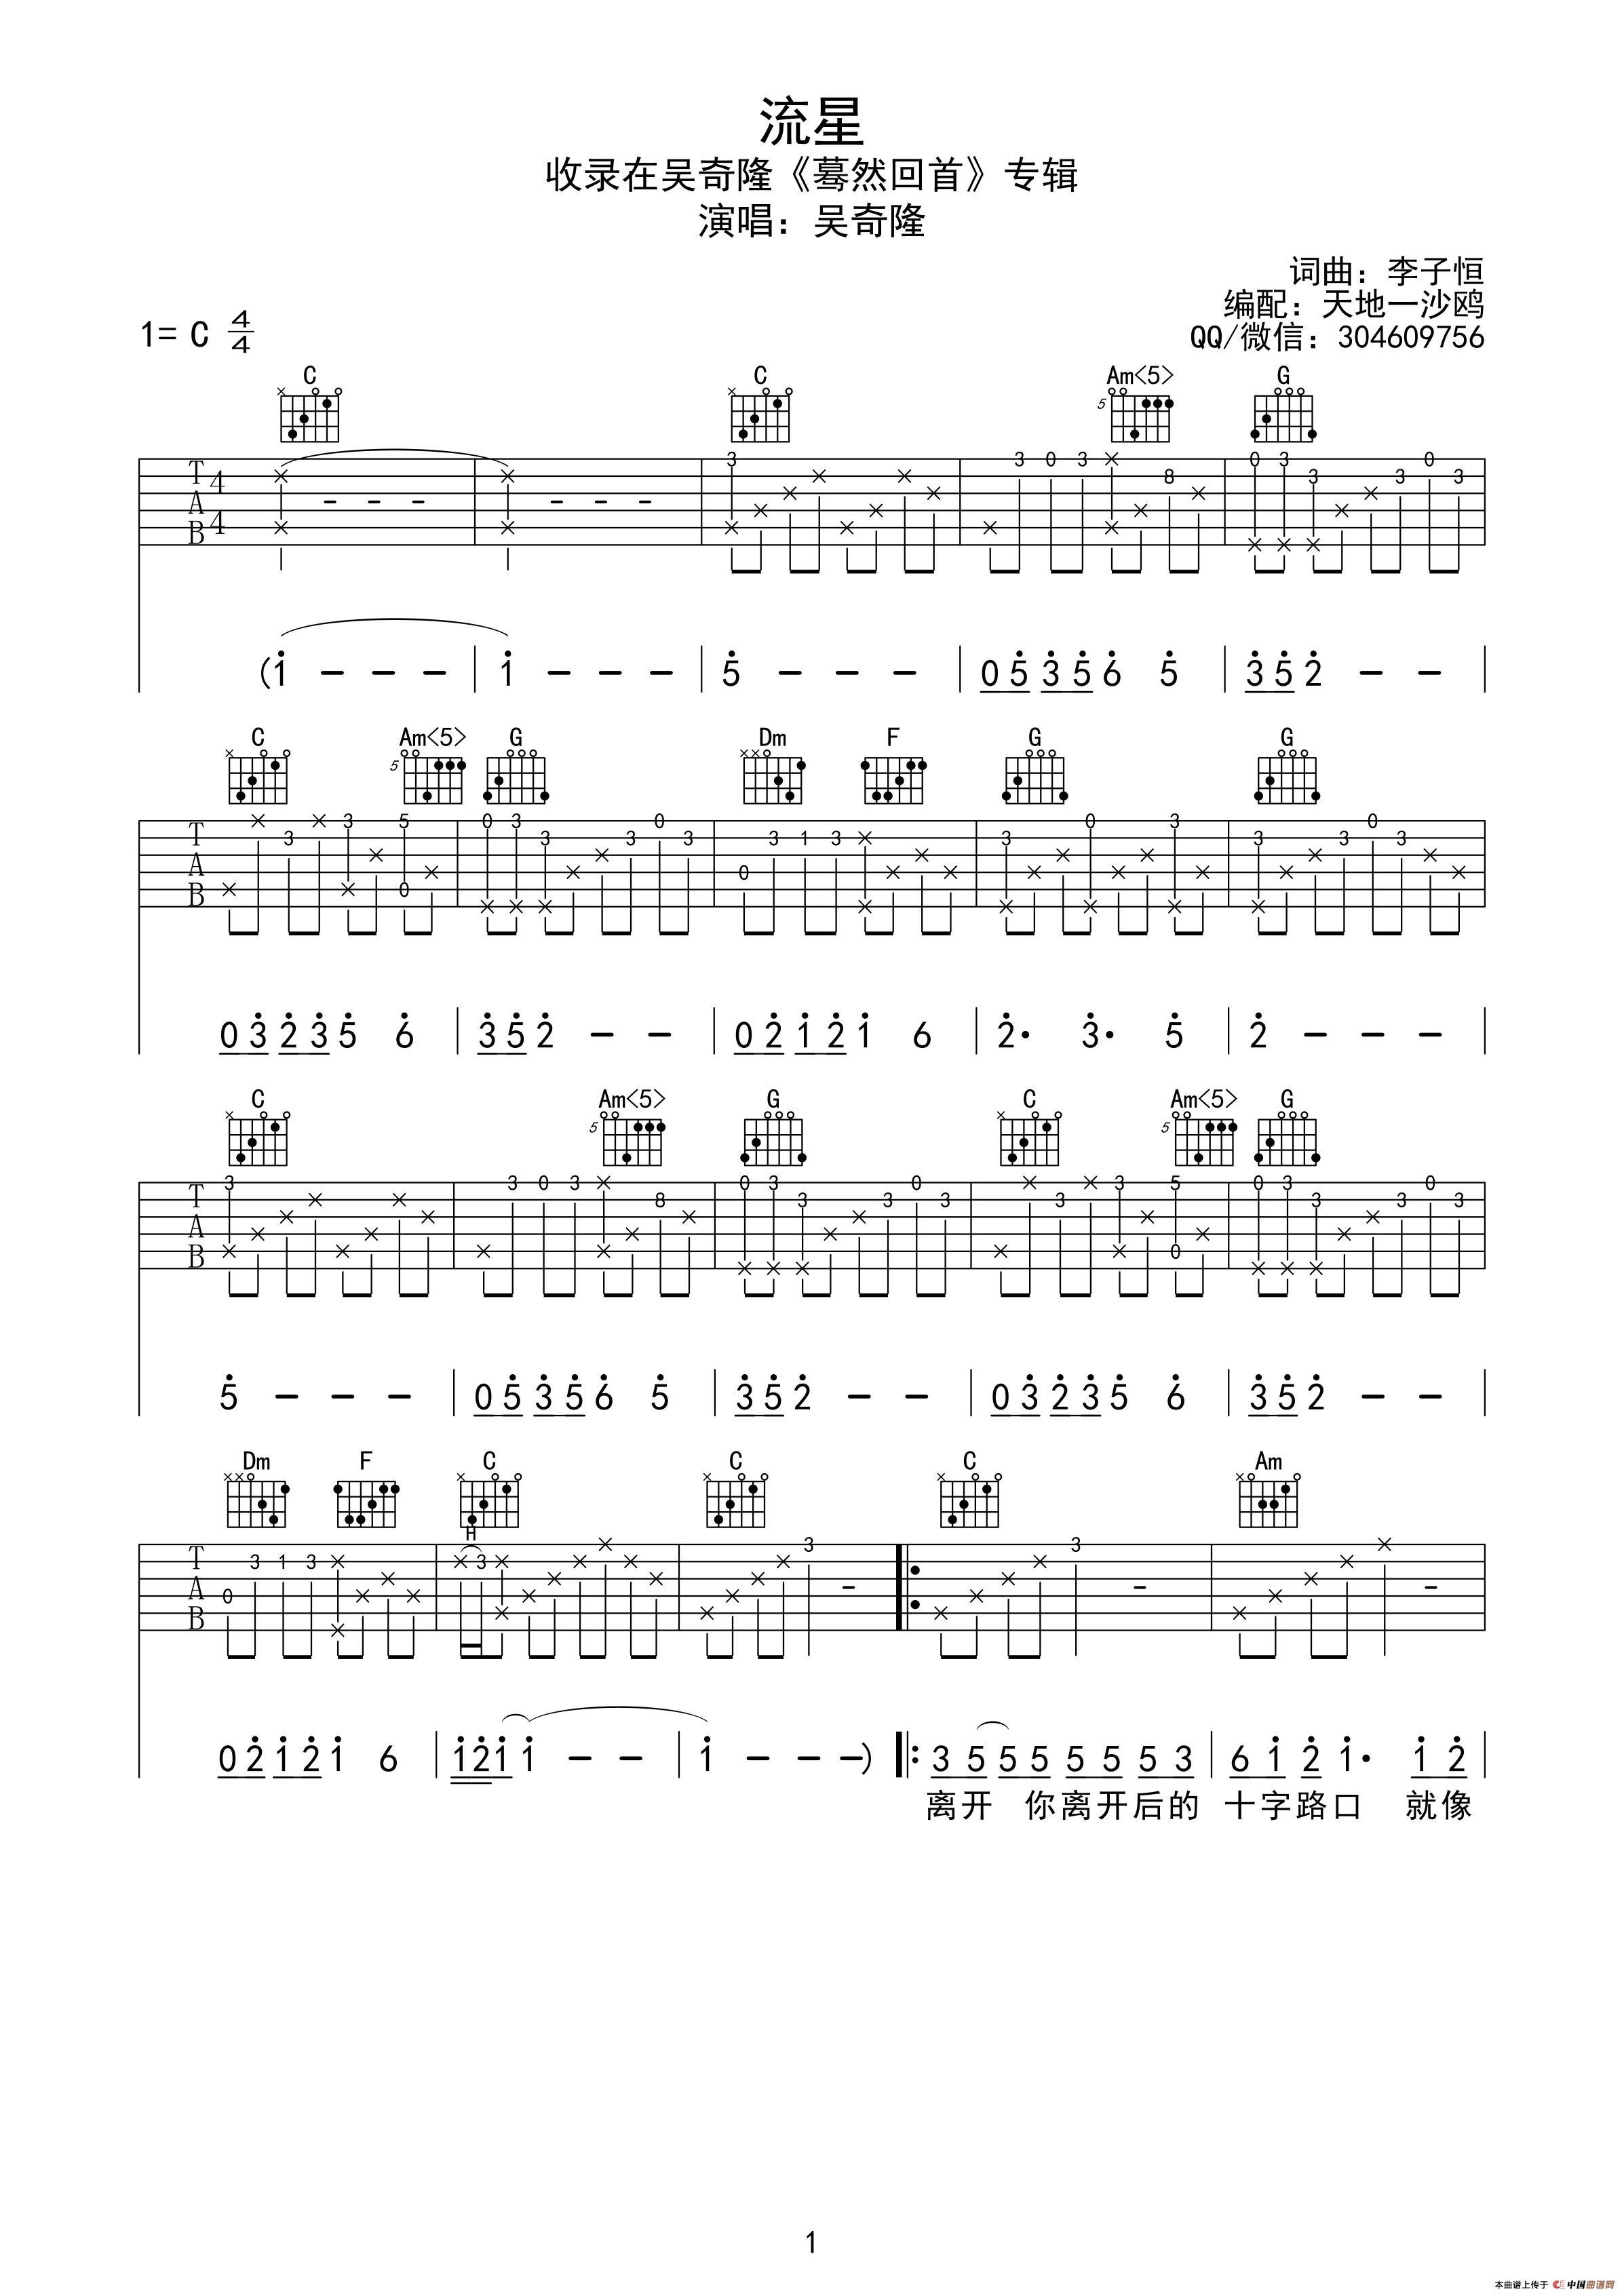 流星(吴奇隆)(吉他谱,吉他六线谱)